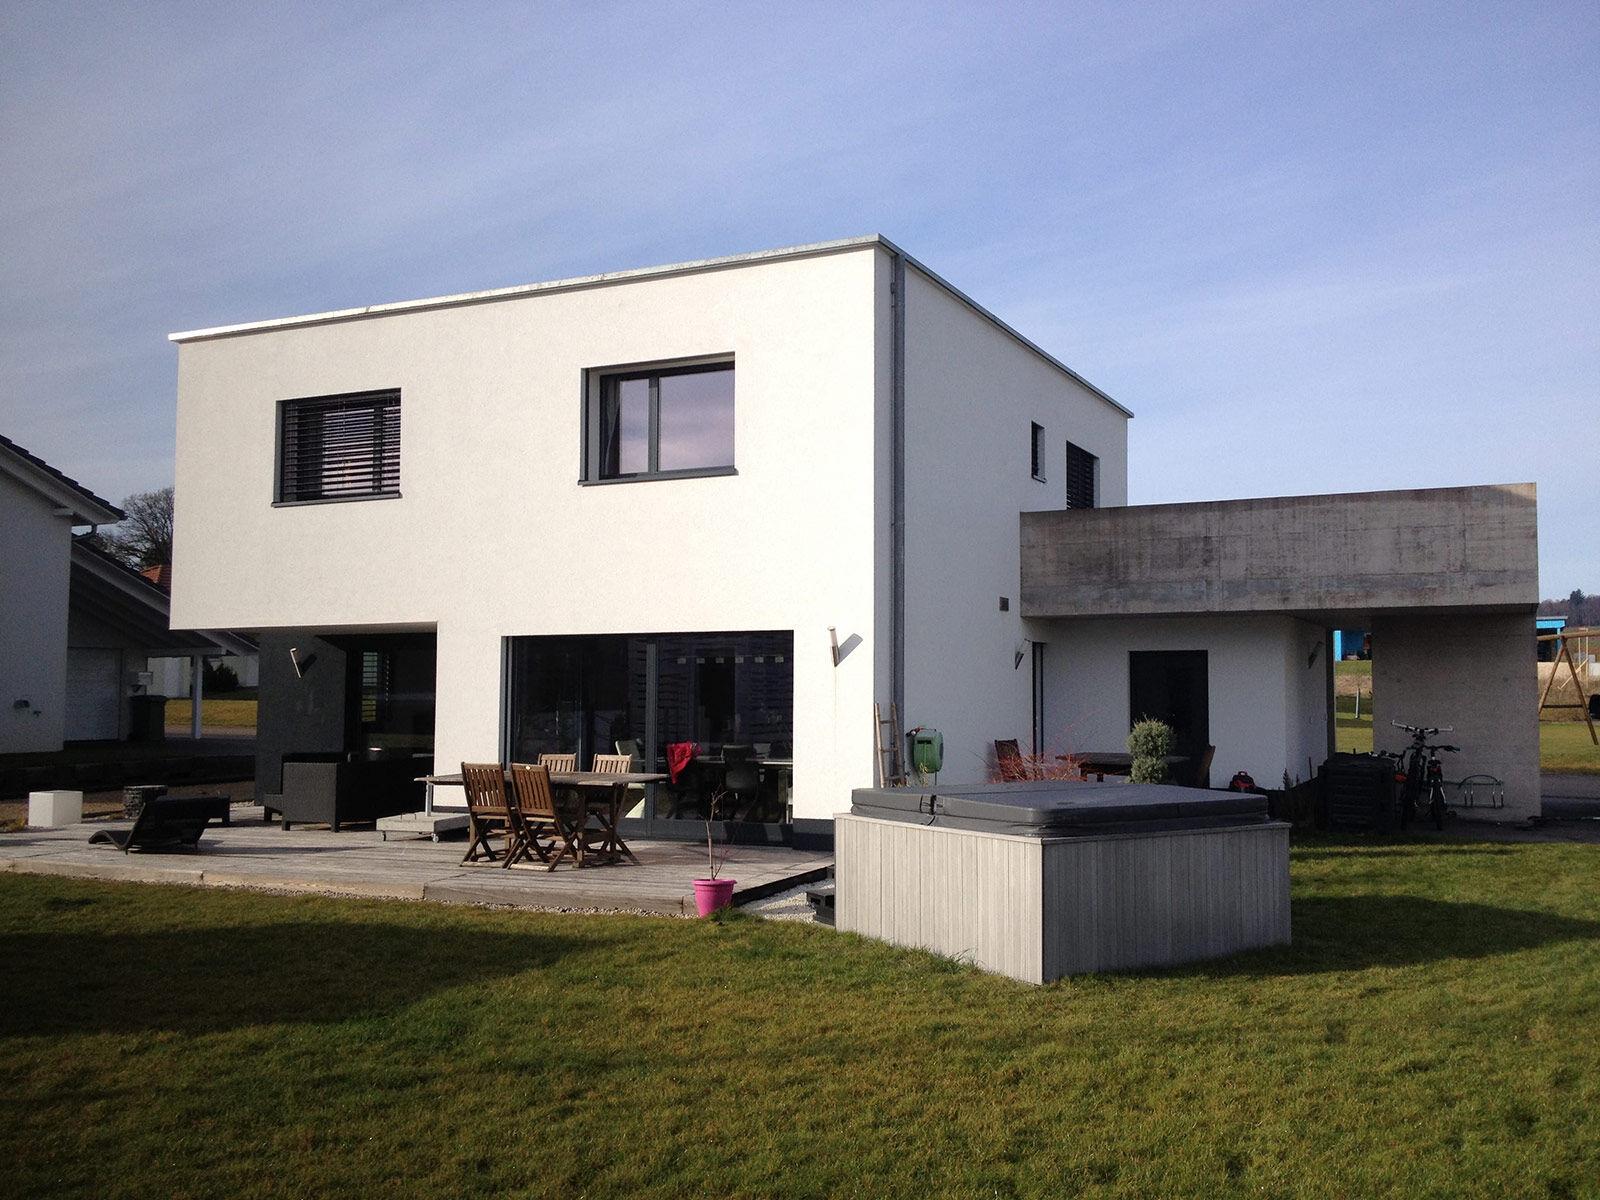 MAISON FAMILIALE - COURTEDOUX - Arches 2000, Architecte, Delémont, Jura